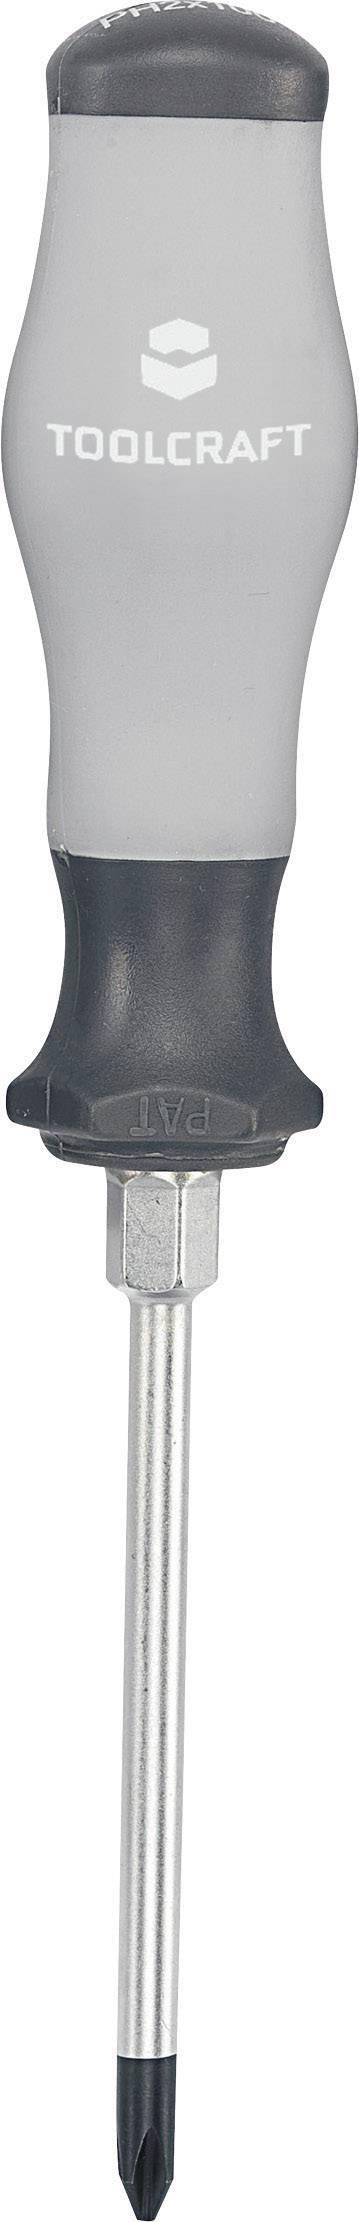 Křížový šroubovák TOOLCRAFT 820740, PH 2, délka čepele: 100 mm